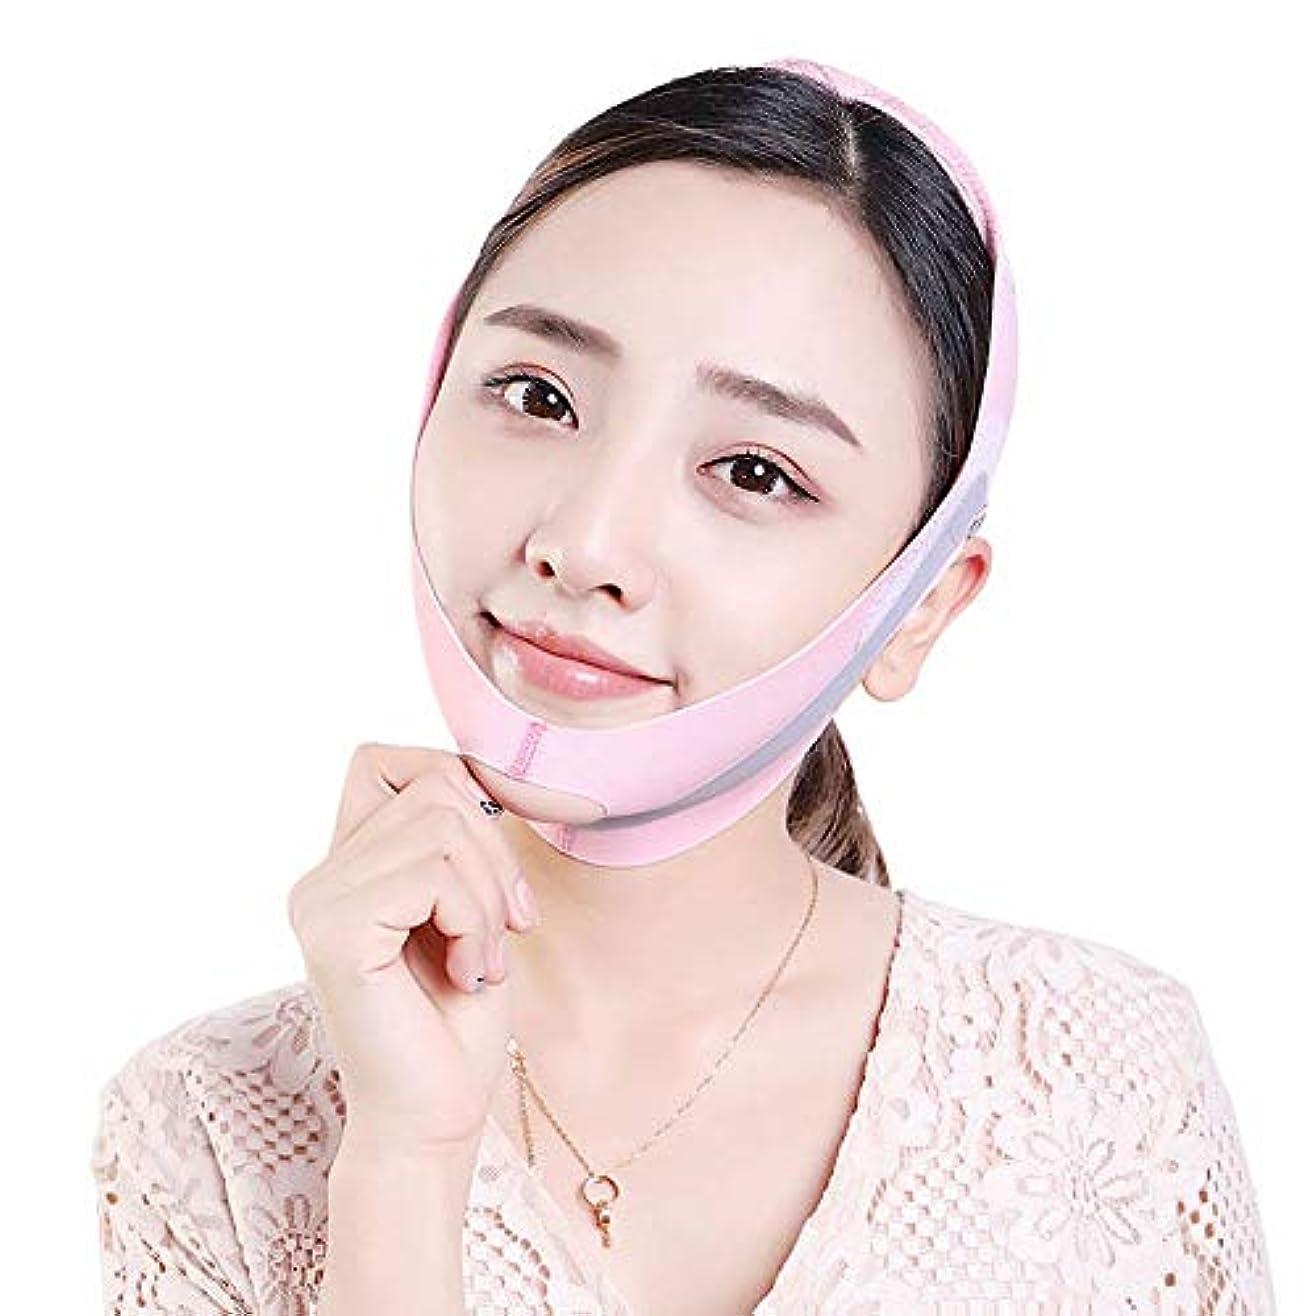 電池前件賛美歌たるみを防ぐために顔を持ち上げるために筋肉を引き締めるために二重あごのステッカーとラインを削除するために、顔を持ち上げるアーティファクト包帯があります - ピンク